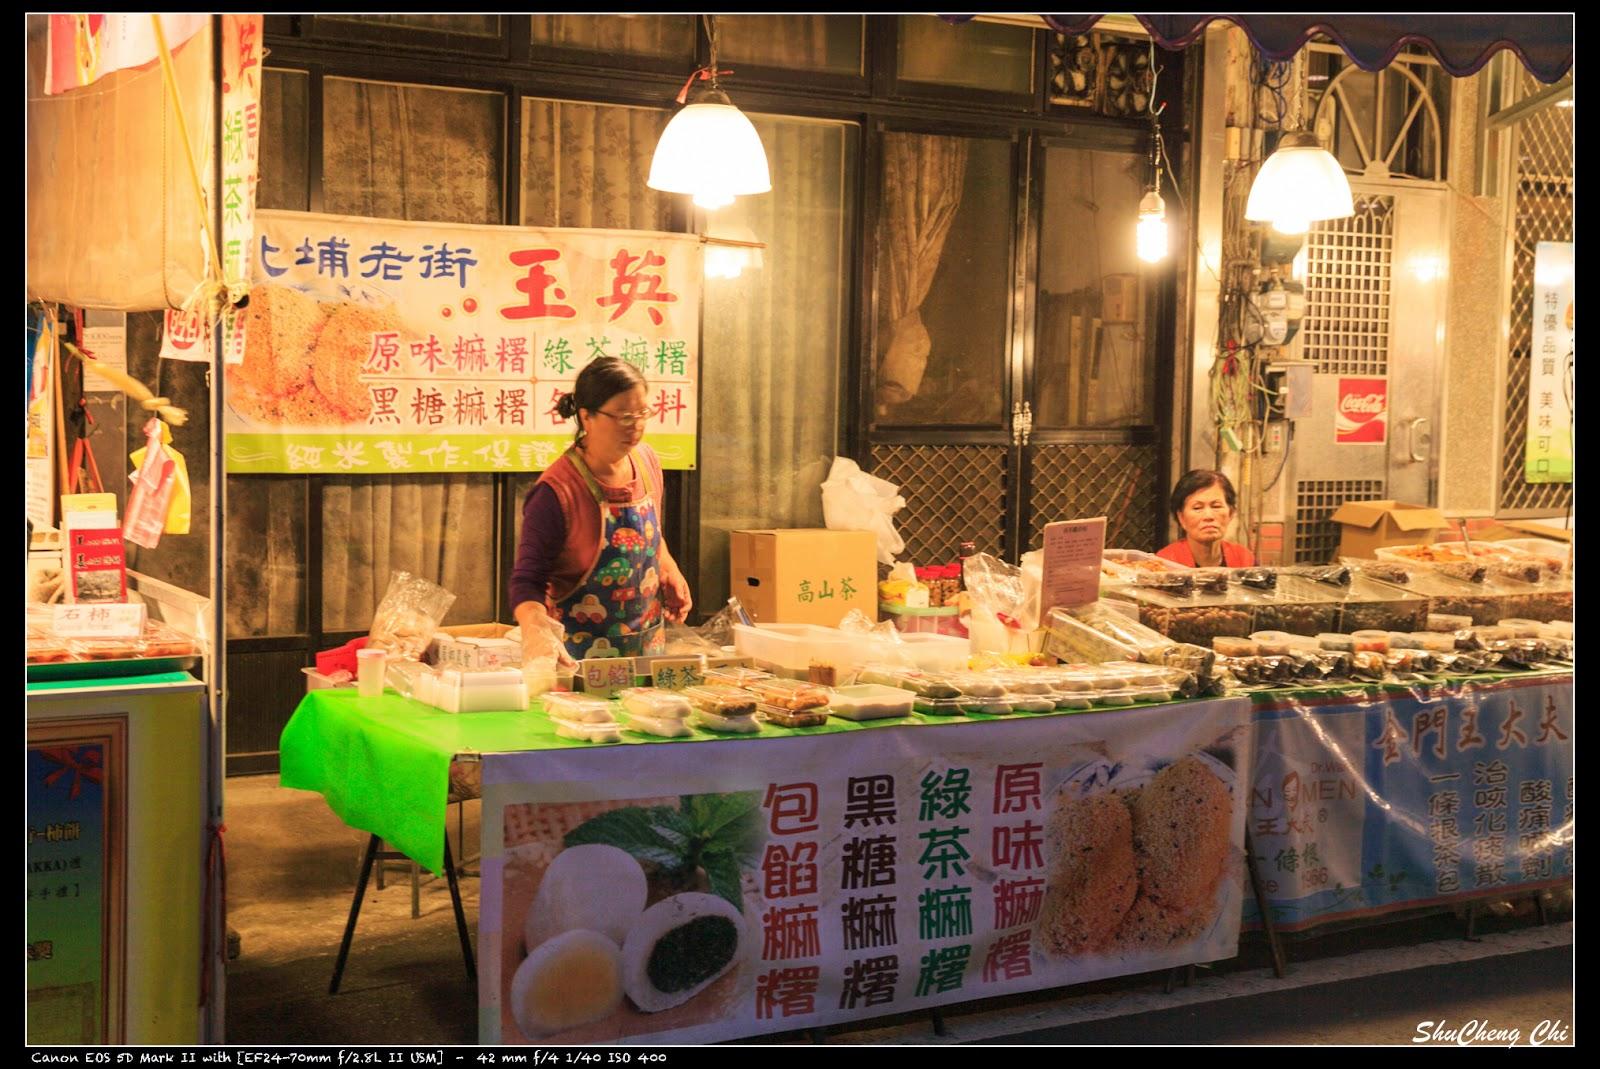 特愛日本 瘋旅行: 2013 竹苗 [景點] 北埔老街